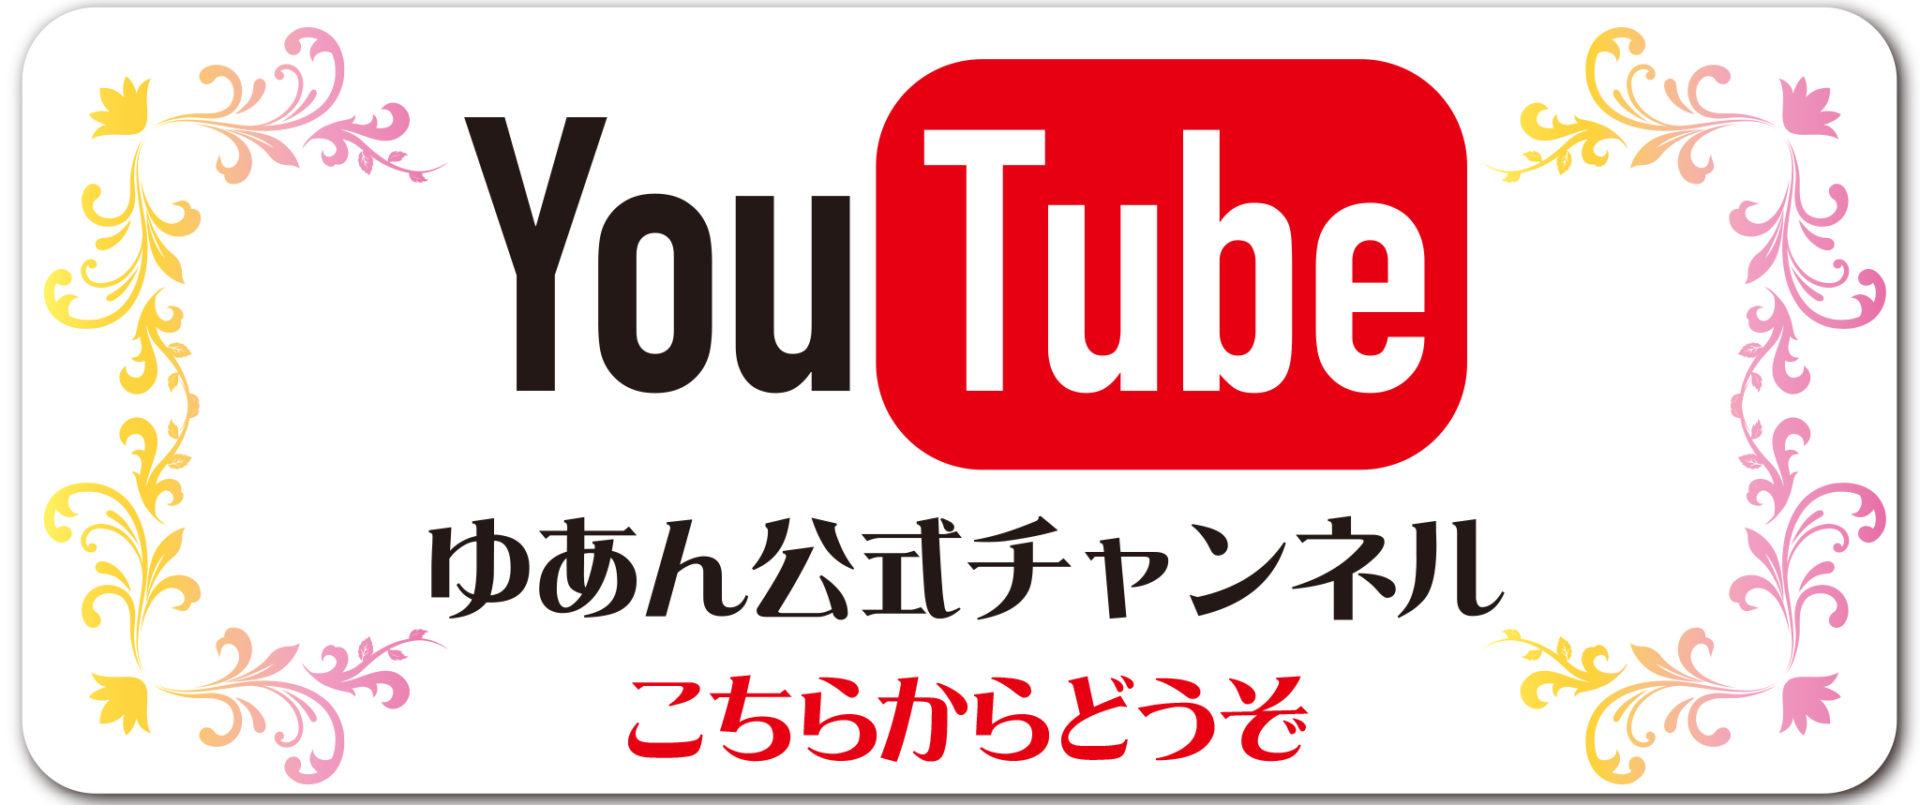 ゆあん公式YouTubeチャンネル